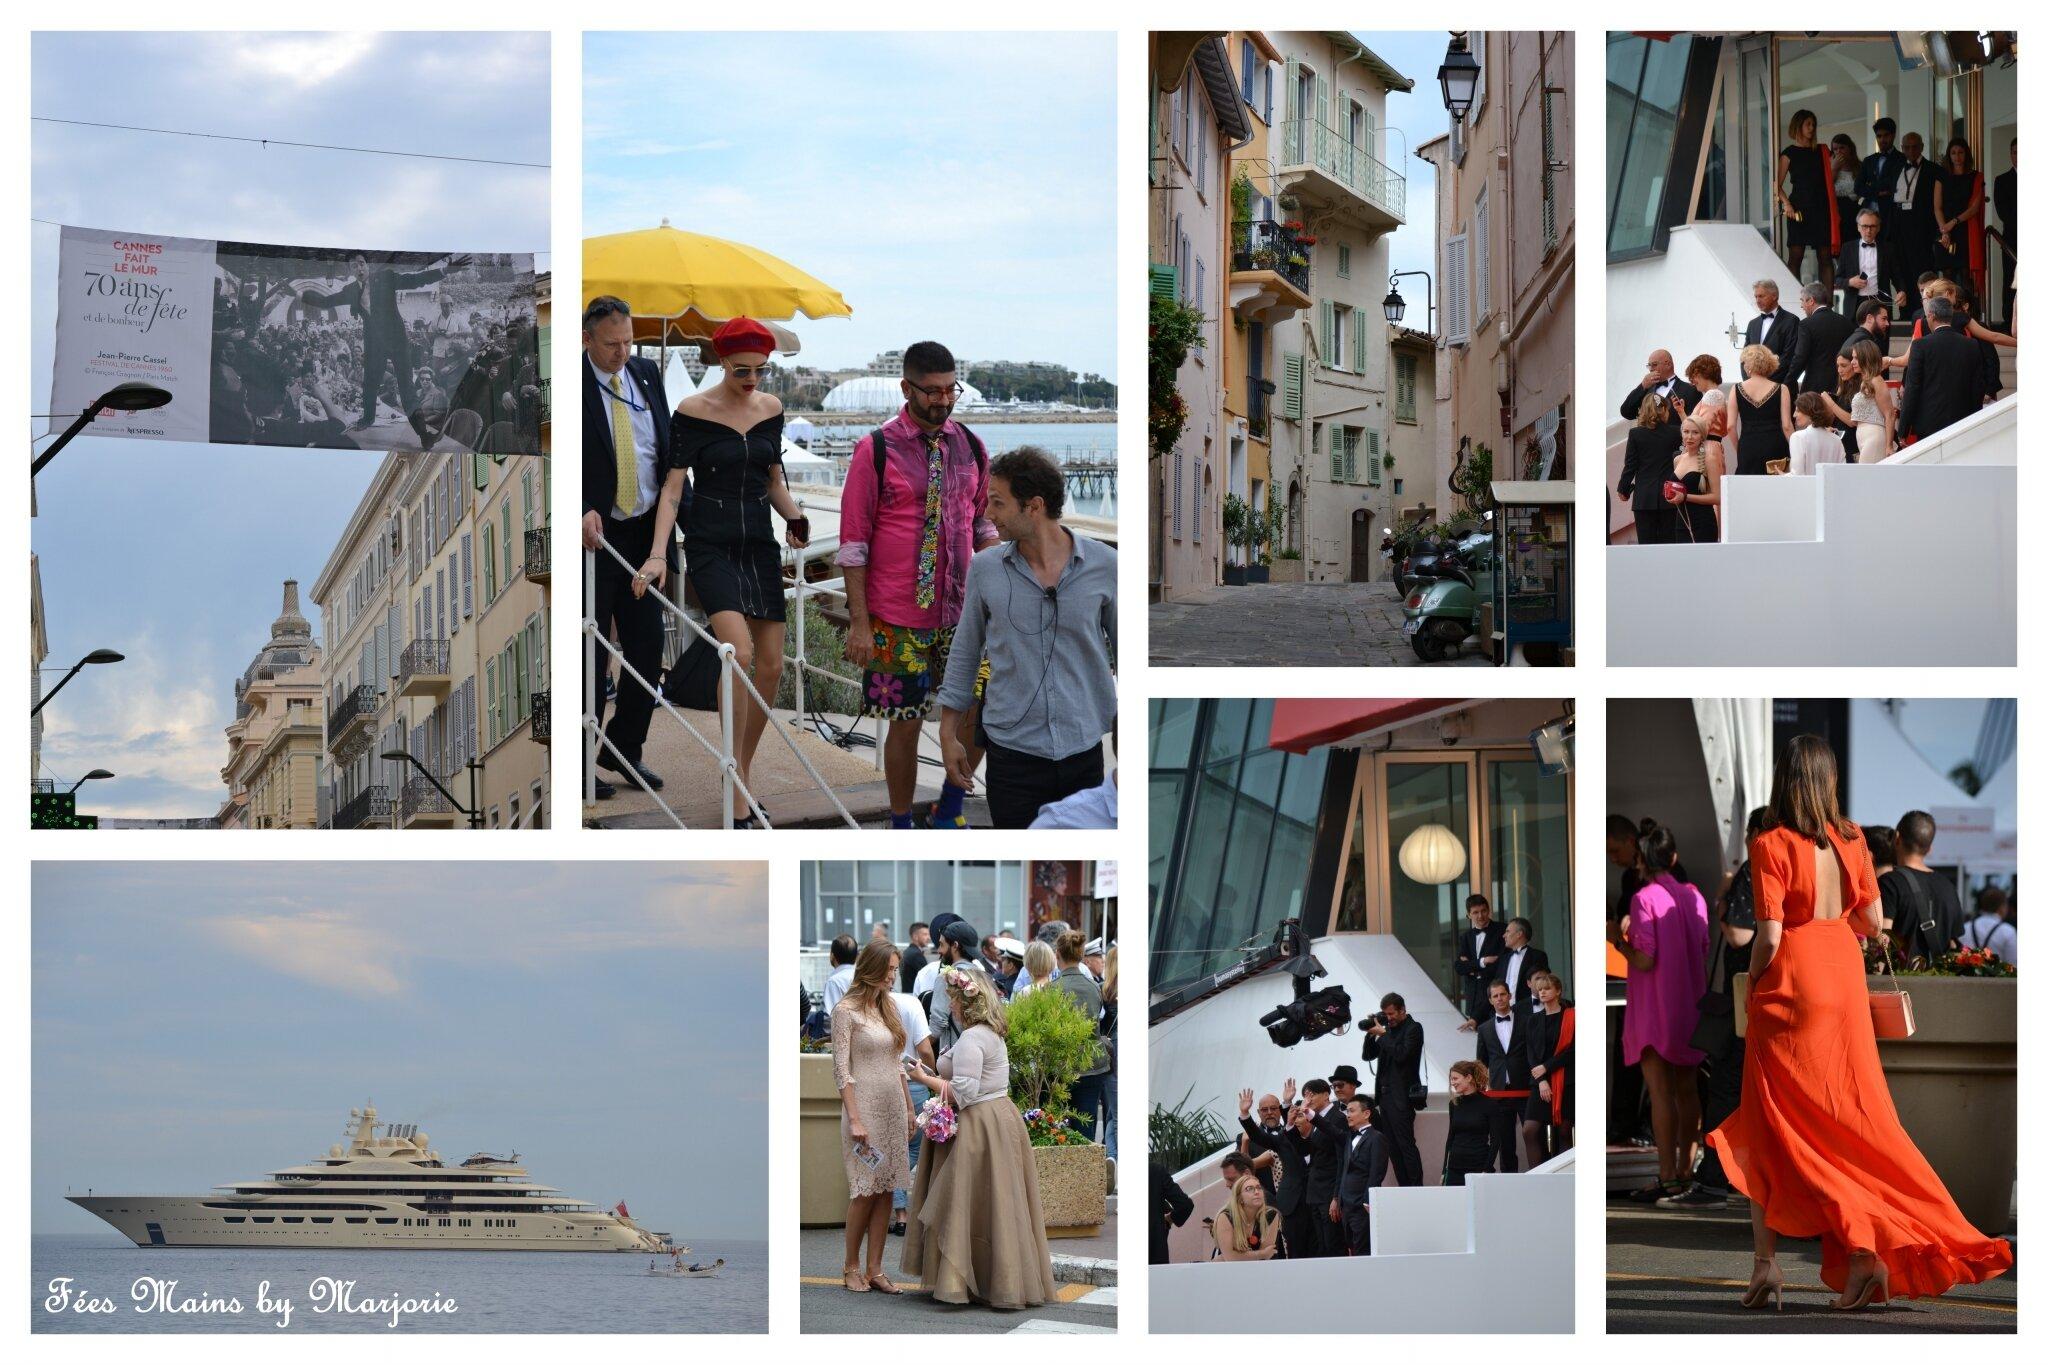 Cannes à l'heure du festival